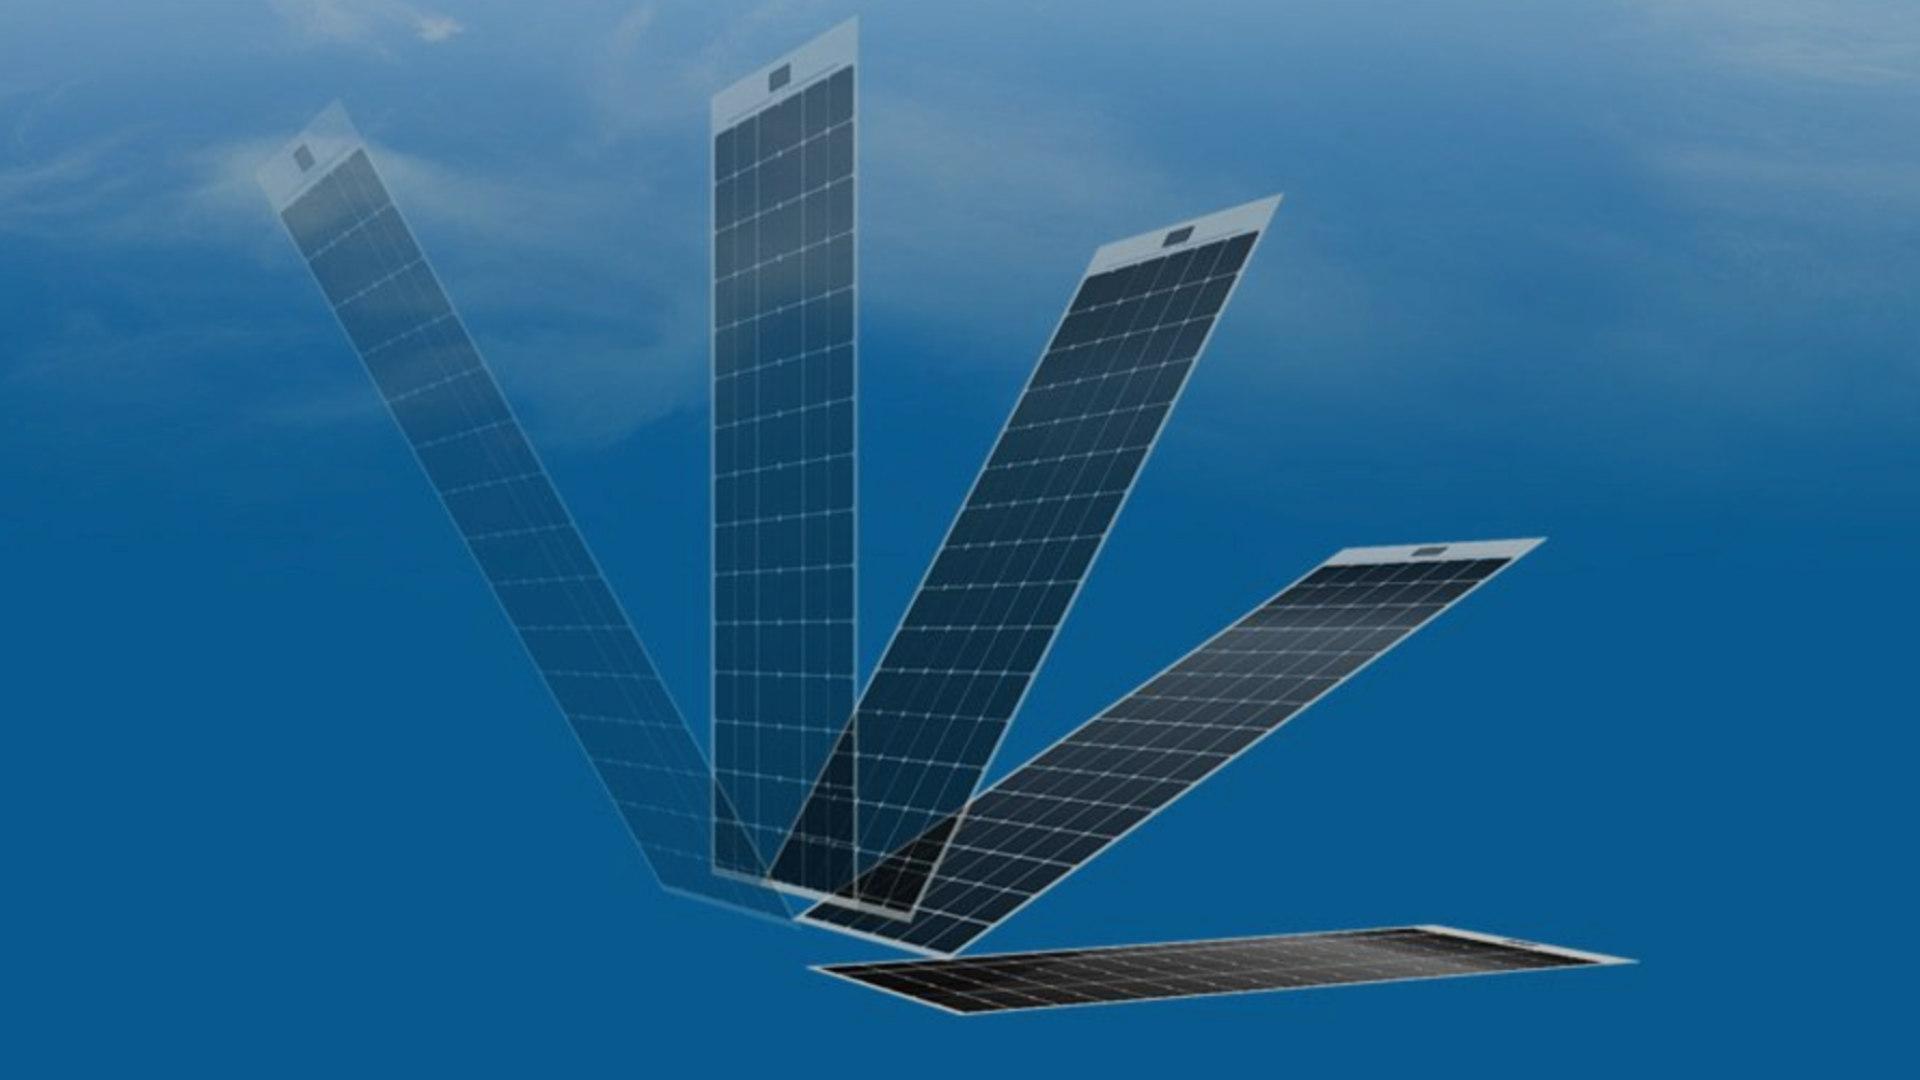 La France va produire des panneaux solaires « autocollants » plus fins et légers